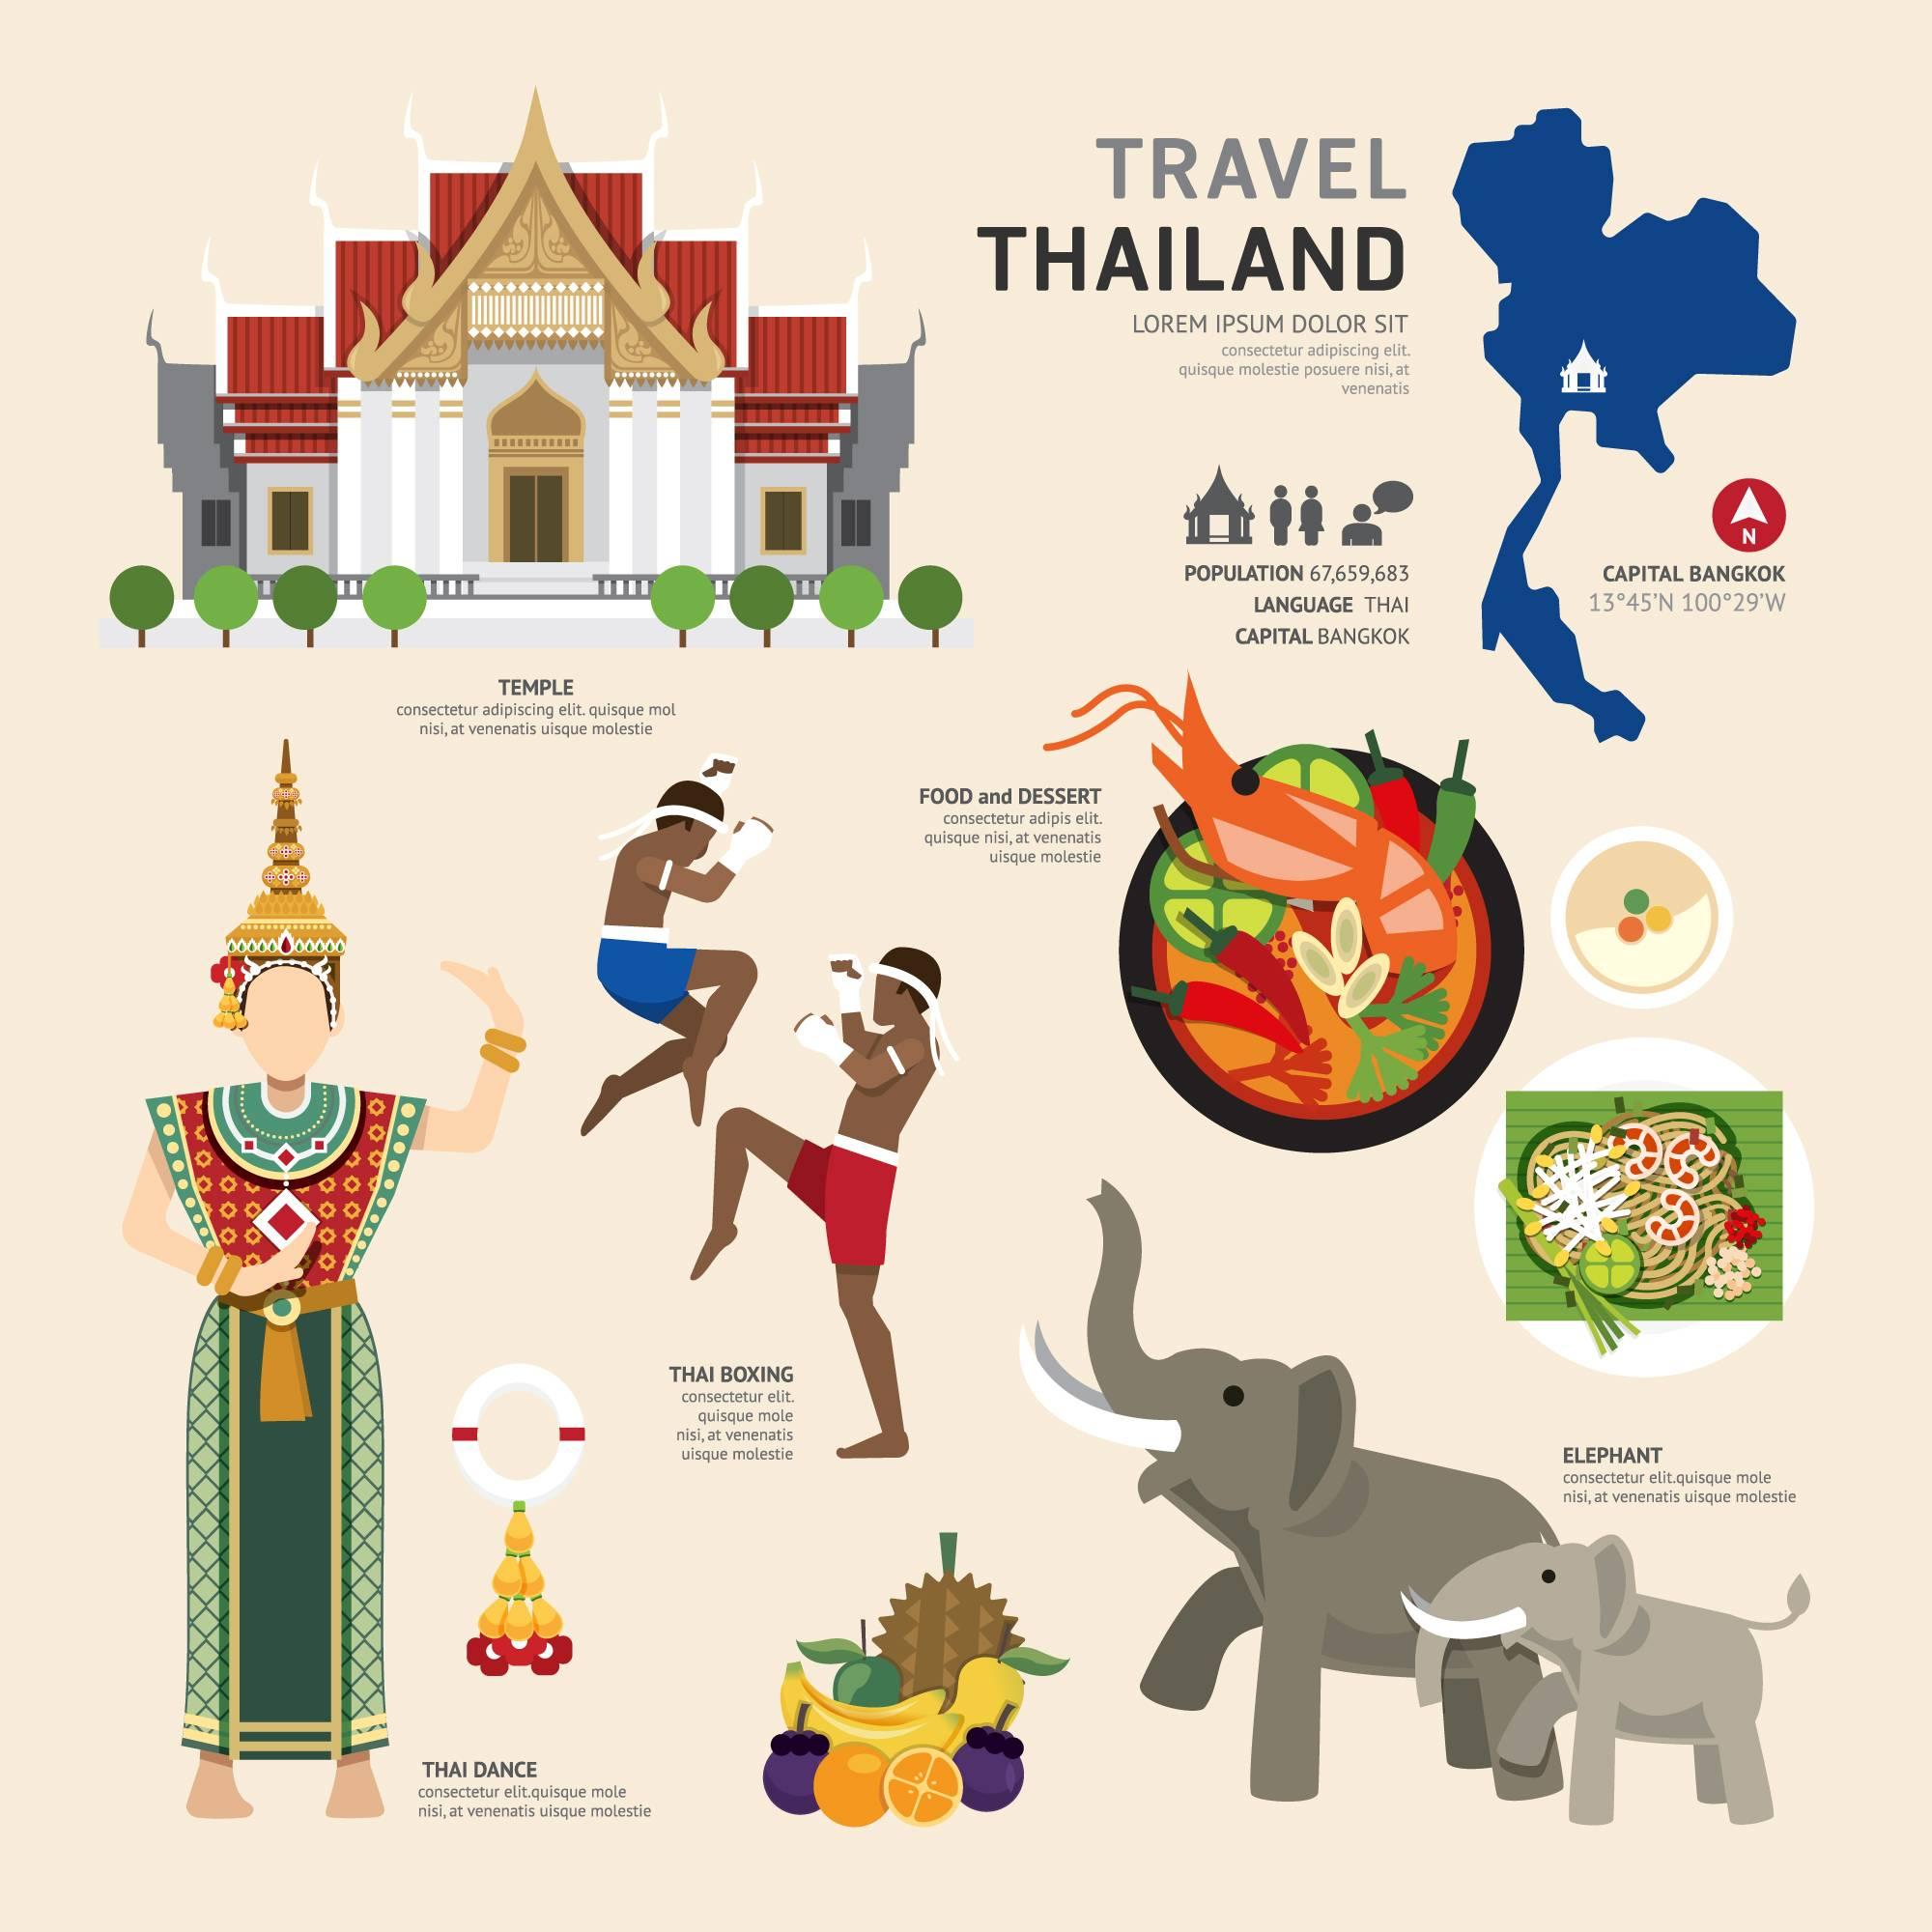 泰国旅游扁平化lowpoly创意设计